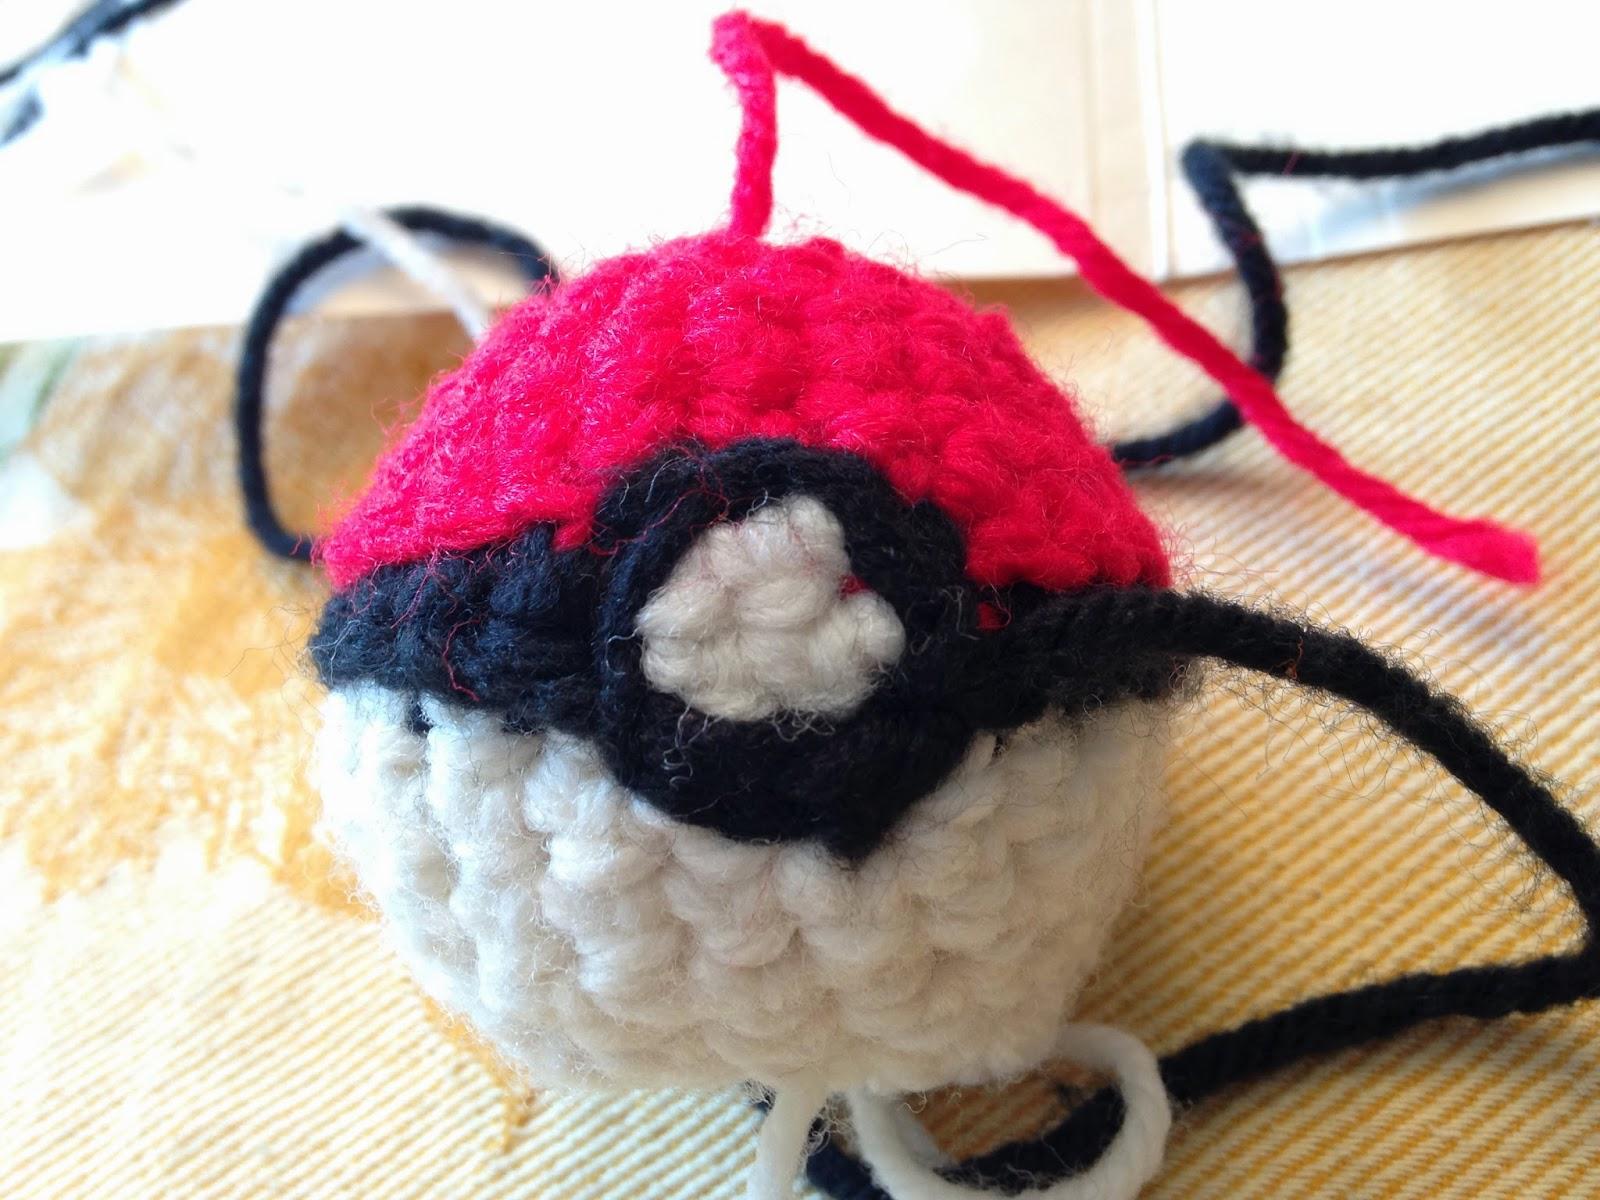 Drawn pokeball yarn To stitching finish Pokeball Creations: